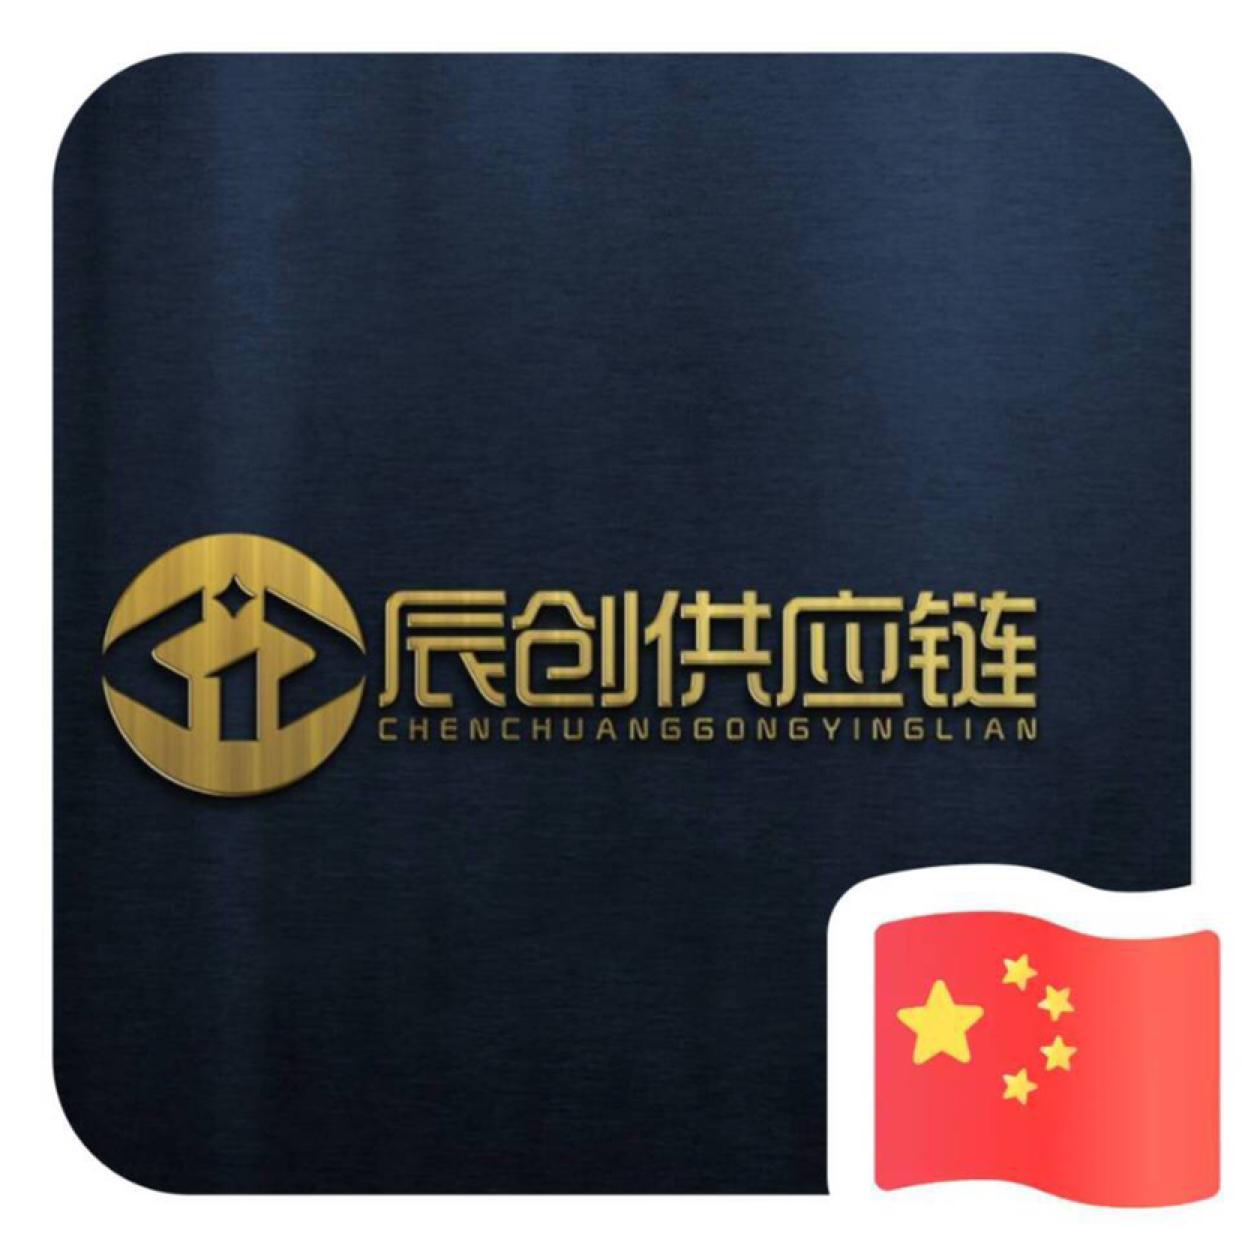 杭州辰創供應鏈管理有限公司